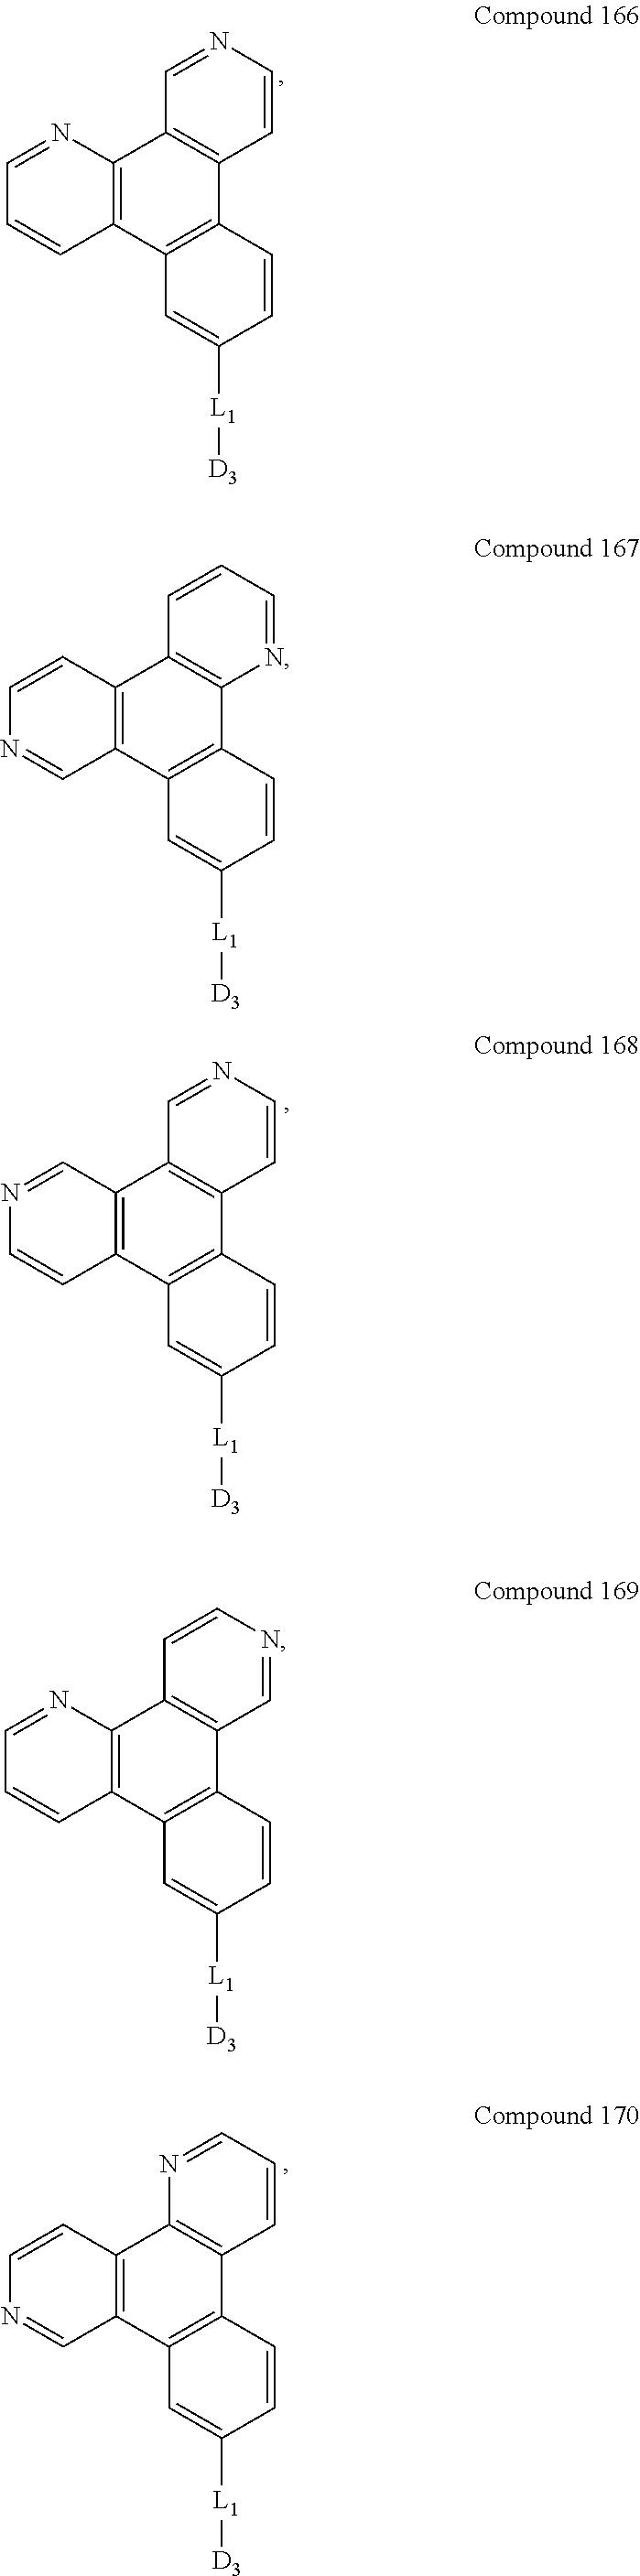 Figure US09537106-20170103-C00520